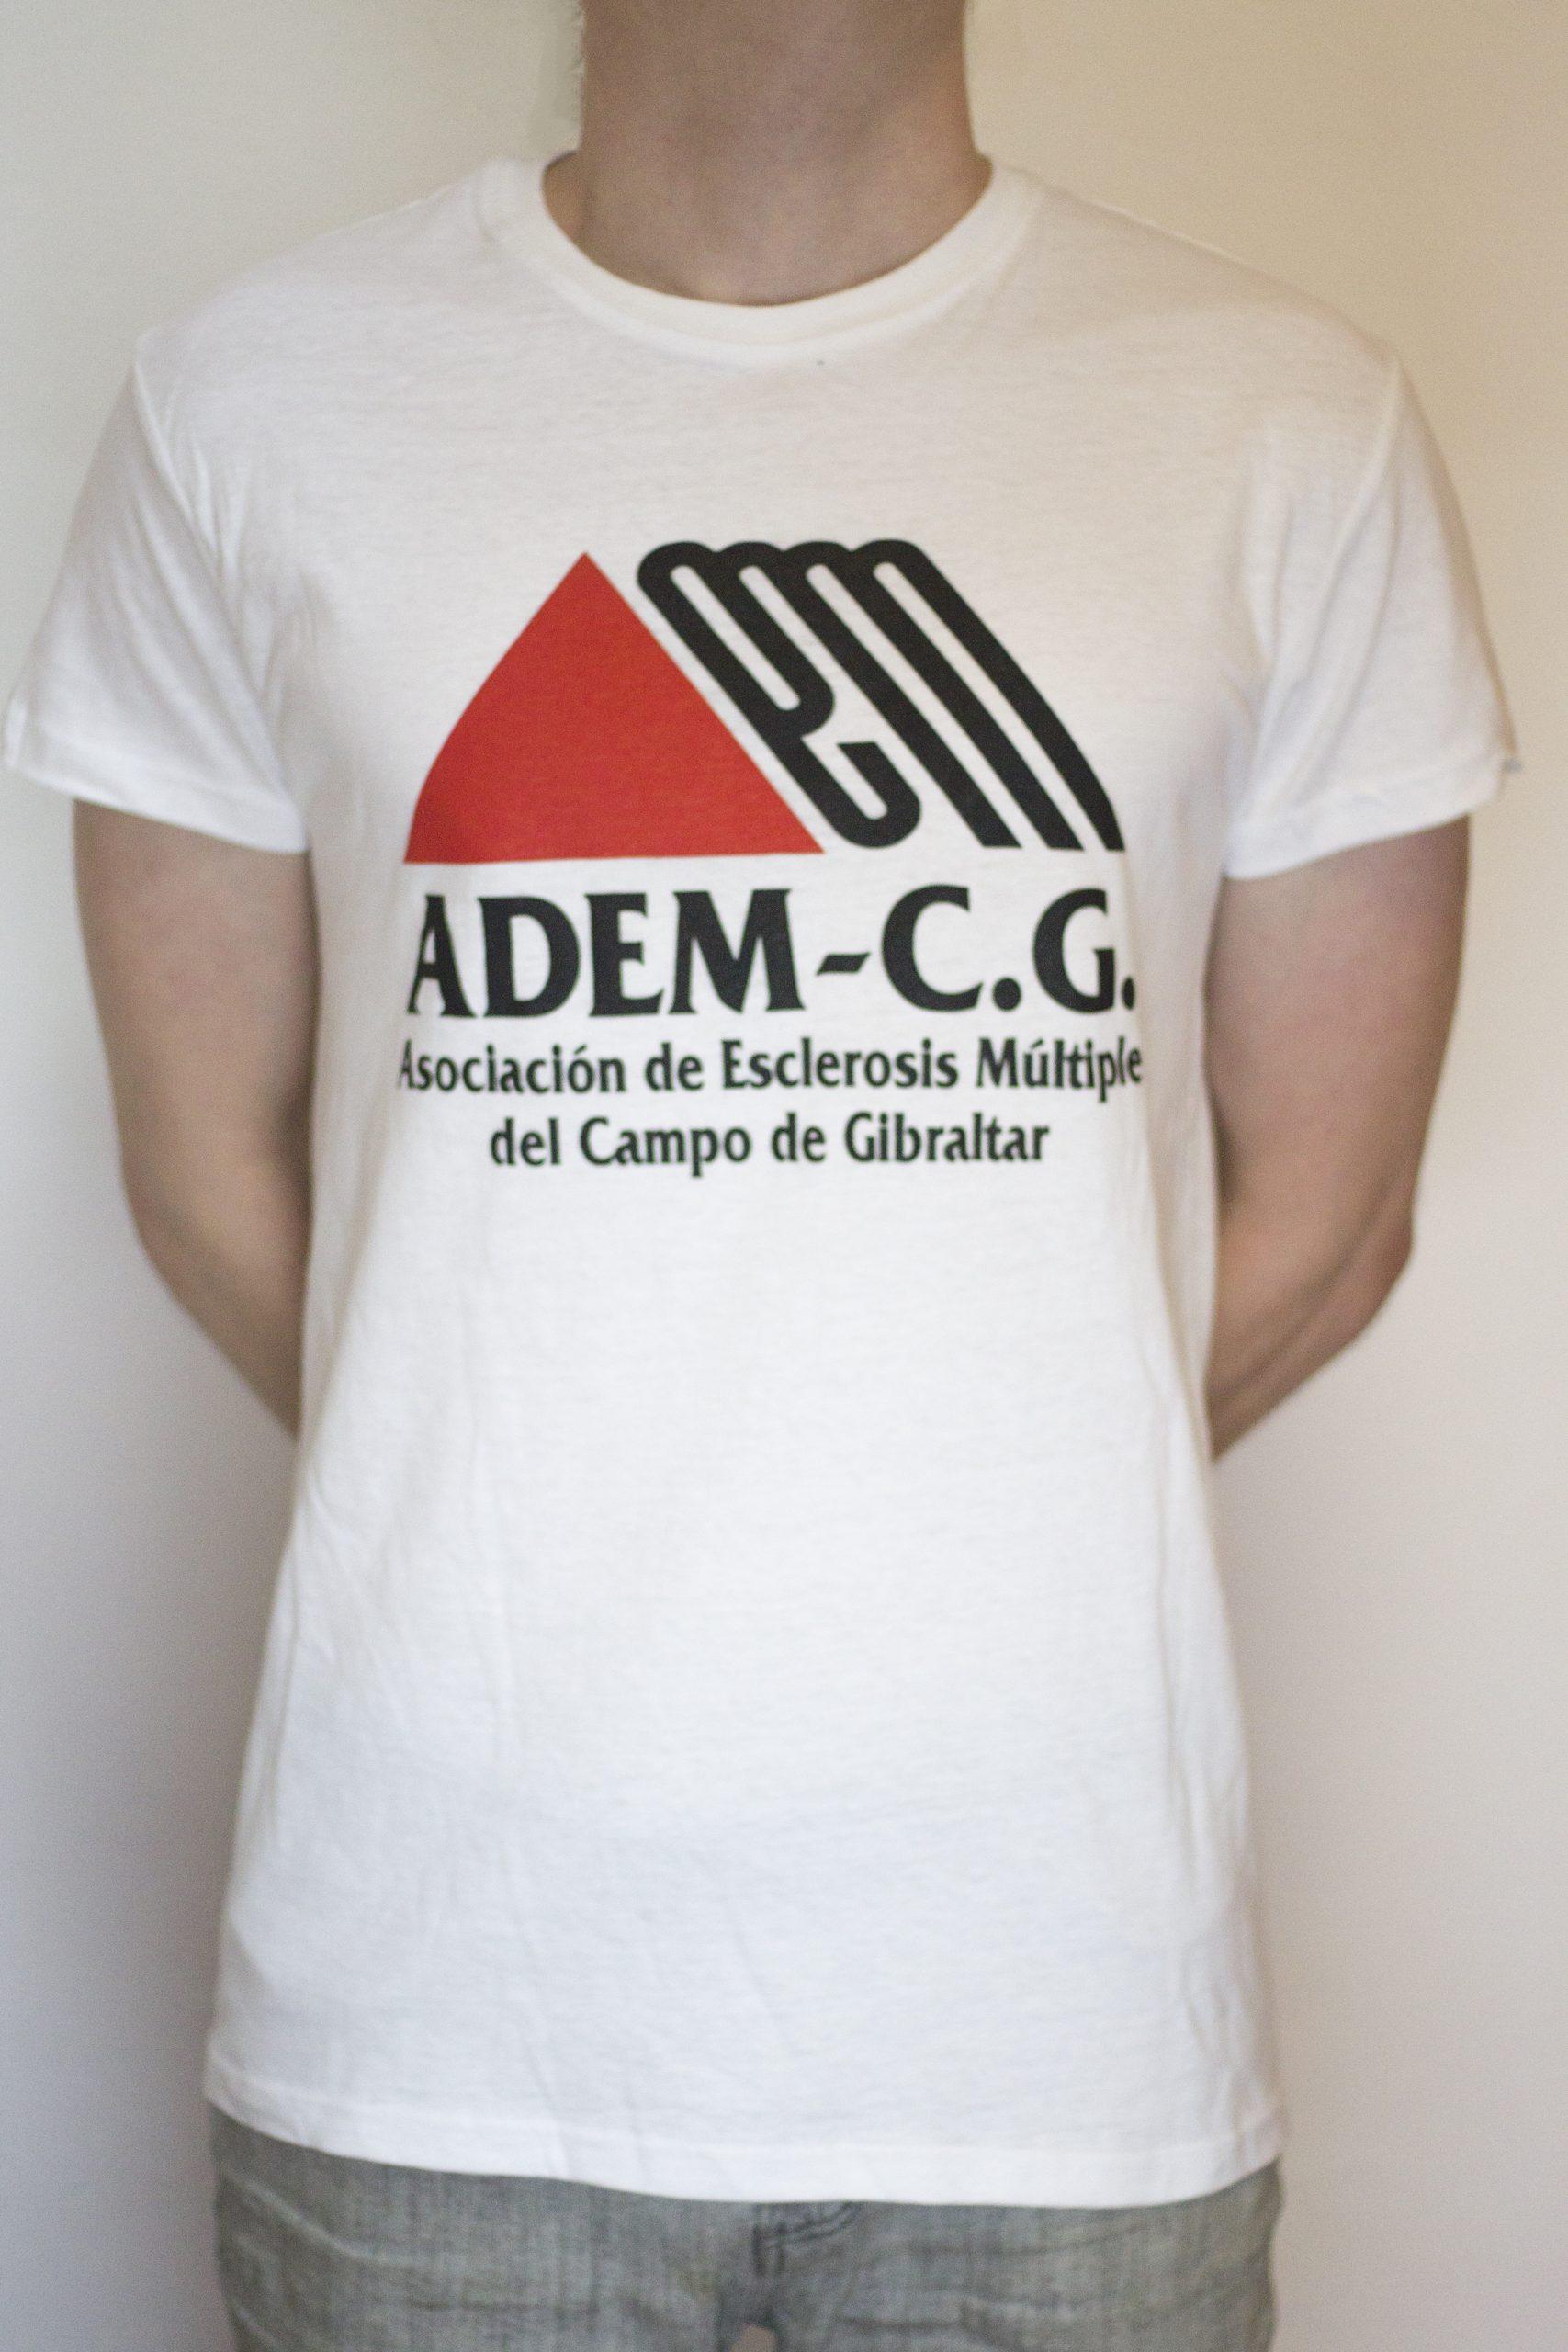 Camiseta blanca ADEM-CG